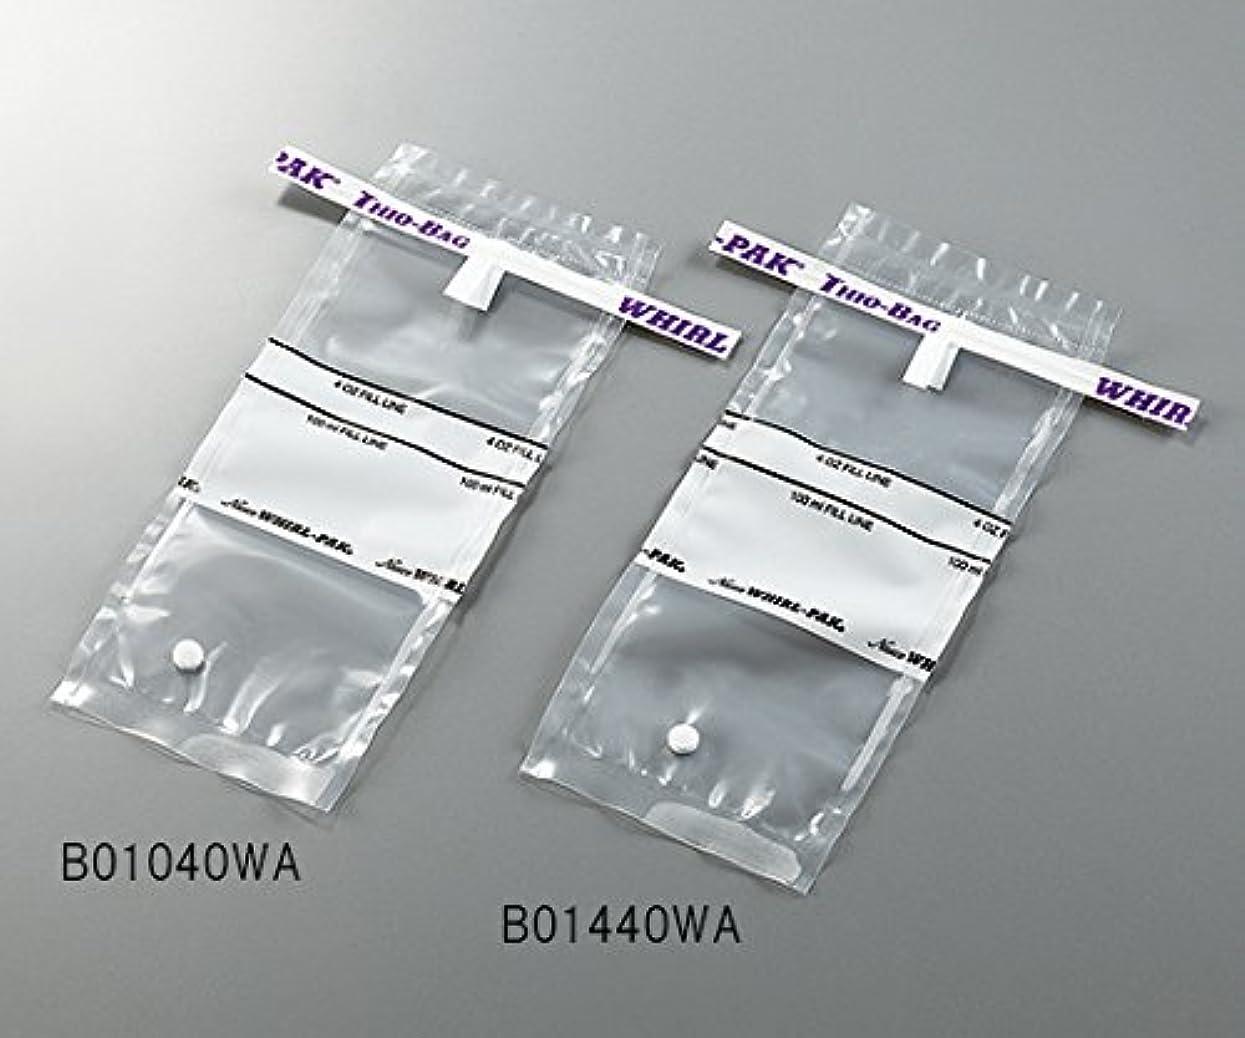 トレーニング所有権不毛3-5414-01採水用サンプリングバッグ100mLチオ硫酸ナトリウム含有量10g